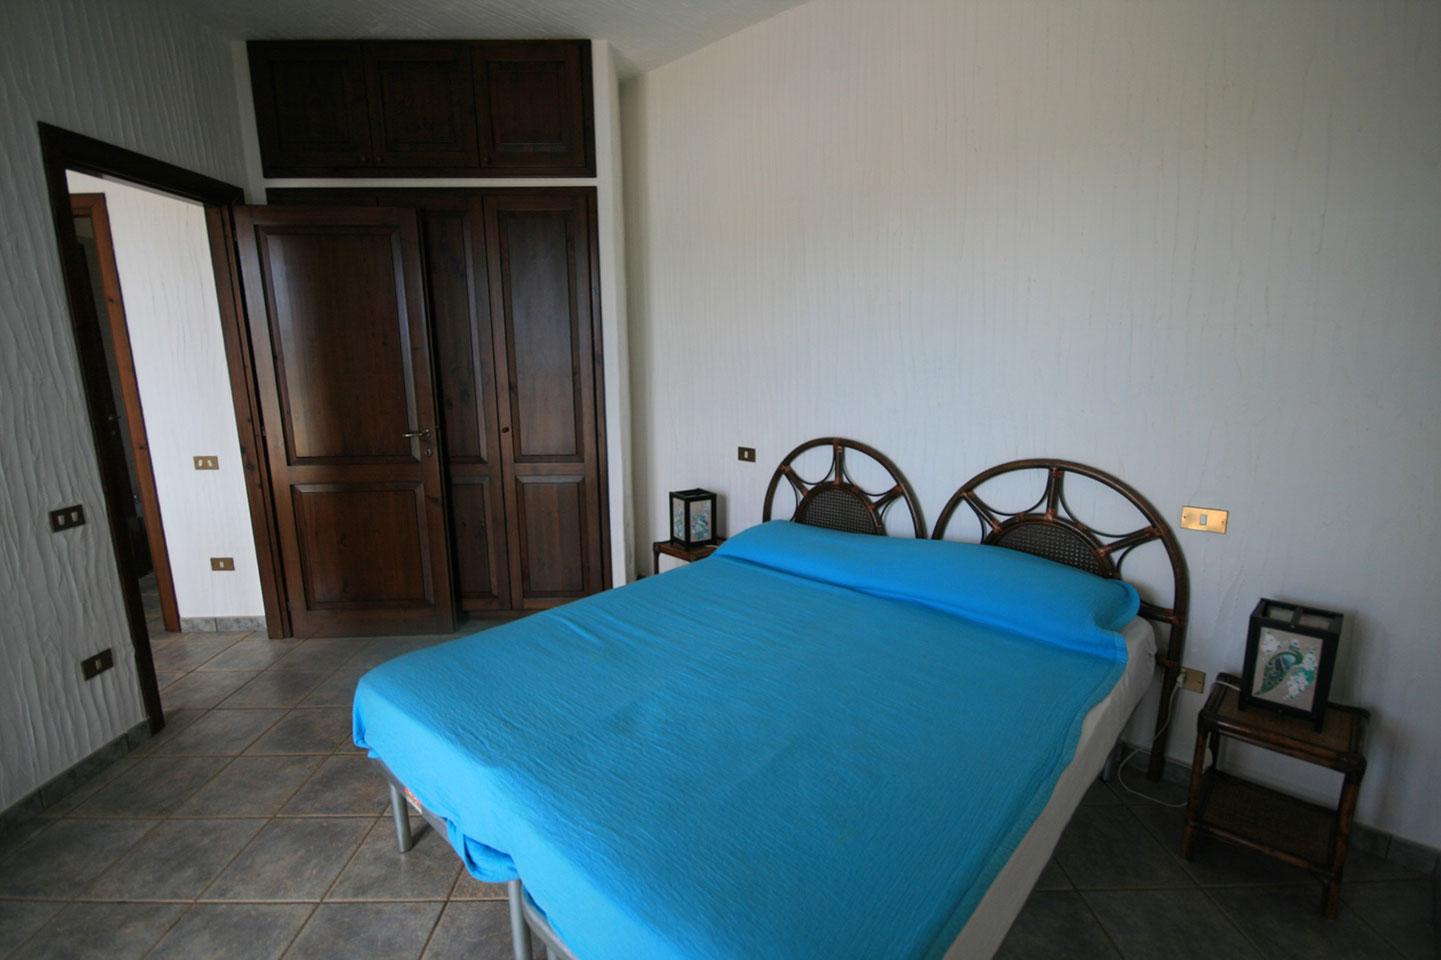 Comprare un appartamento a Torre delle Stelle low cost